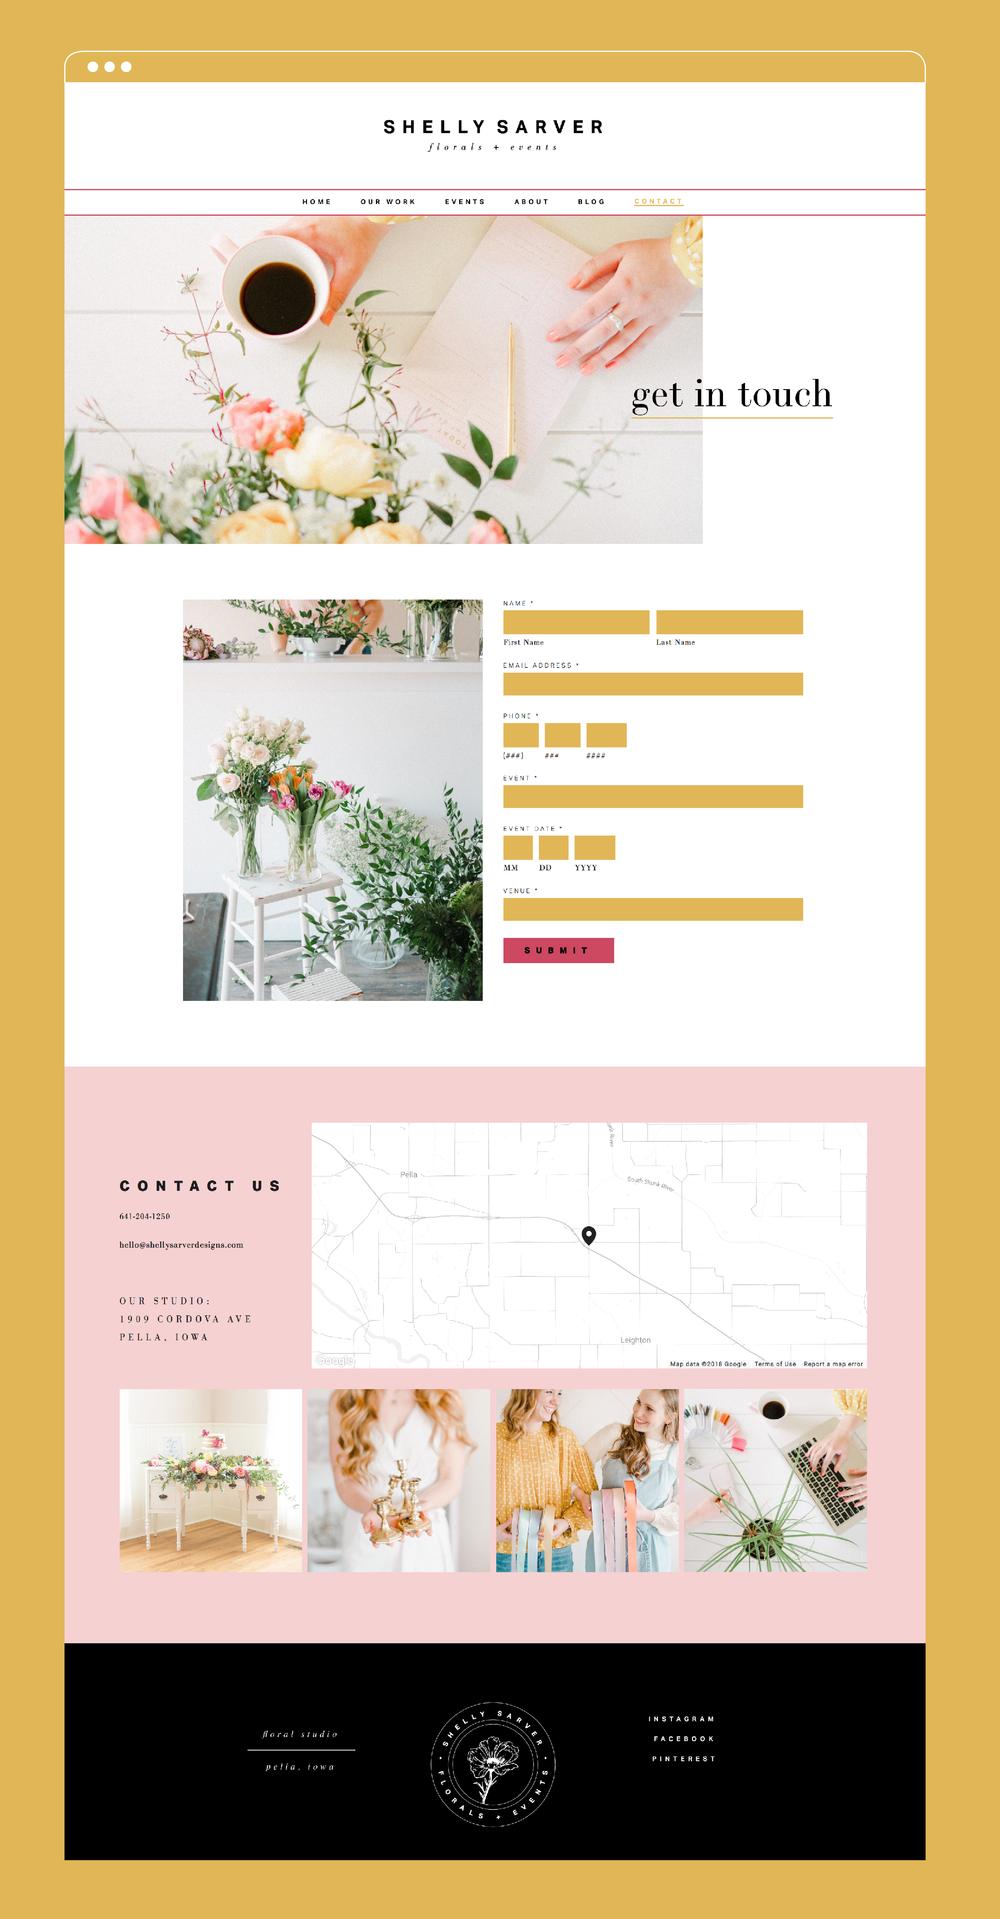 shellysarver-florals+website+florist2.png